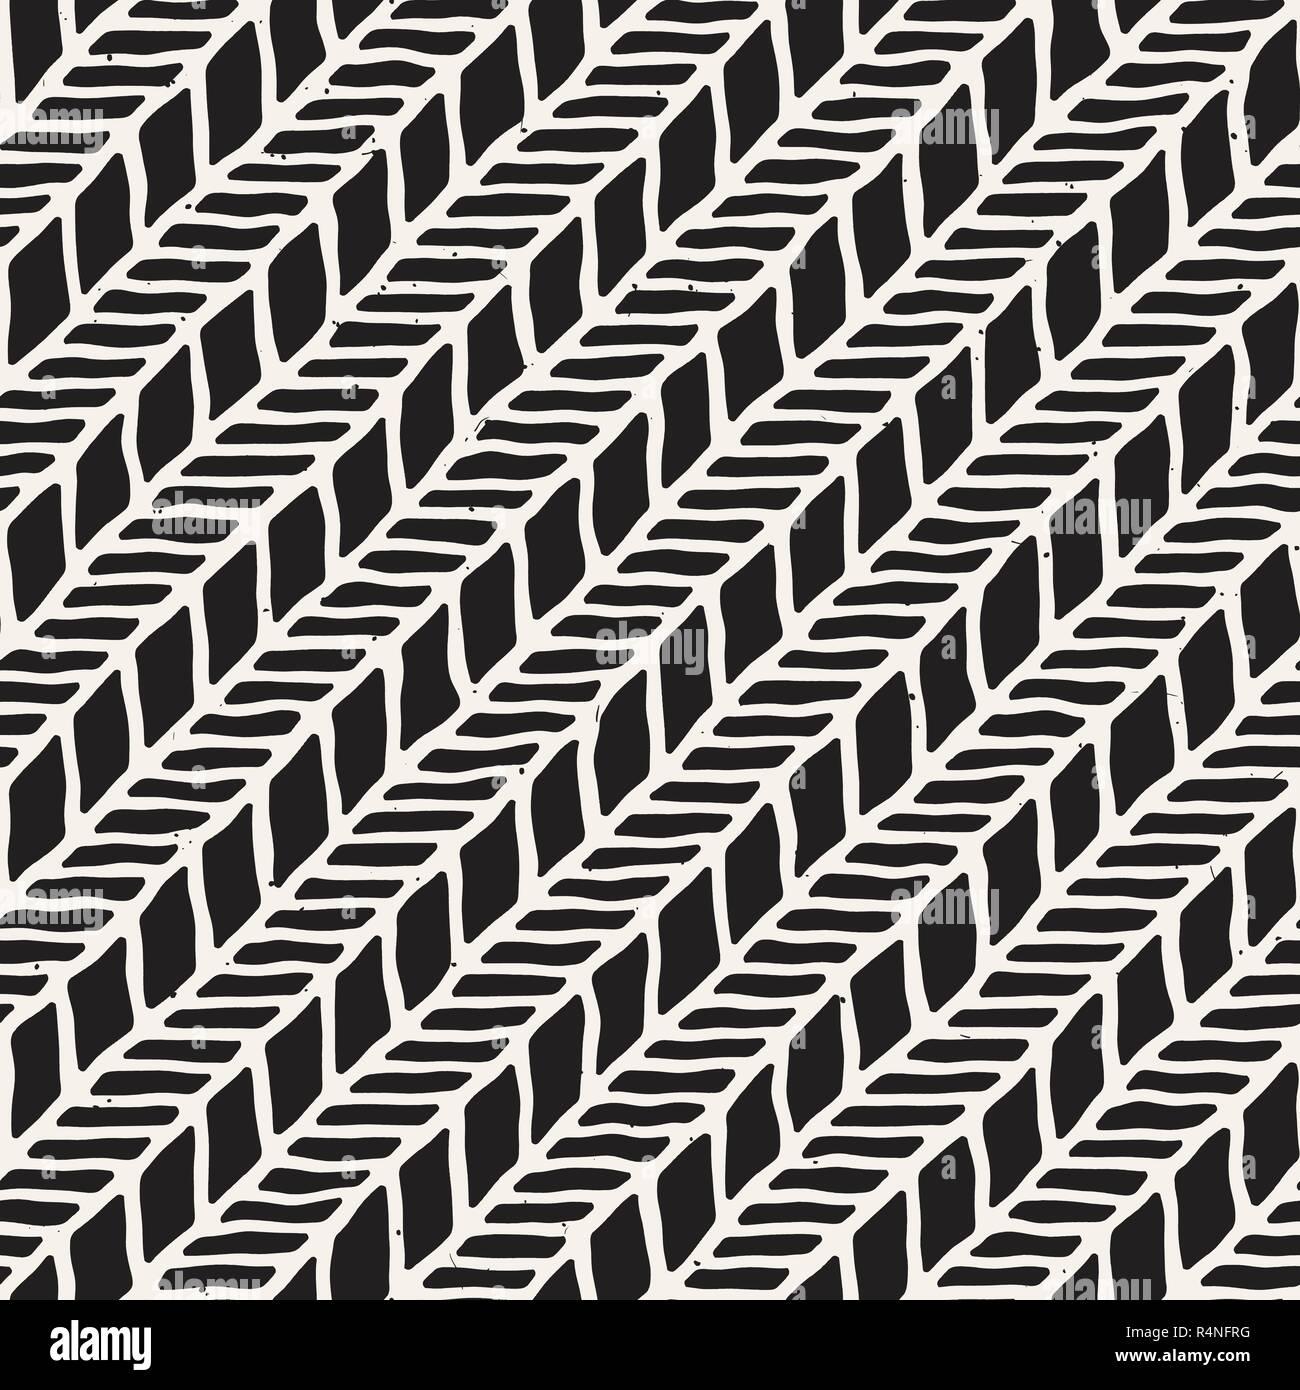 Disegni Geometrici Bianco E Nero inchiostro semplice disegno geometrico. monocromatici in